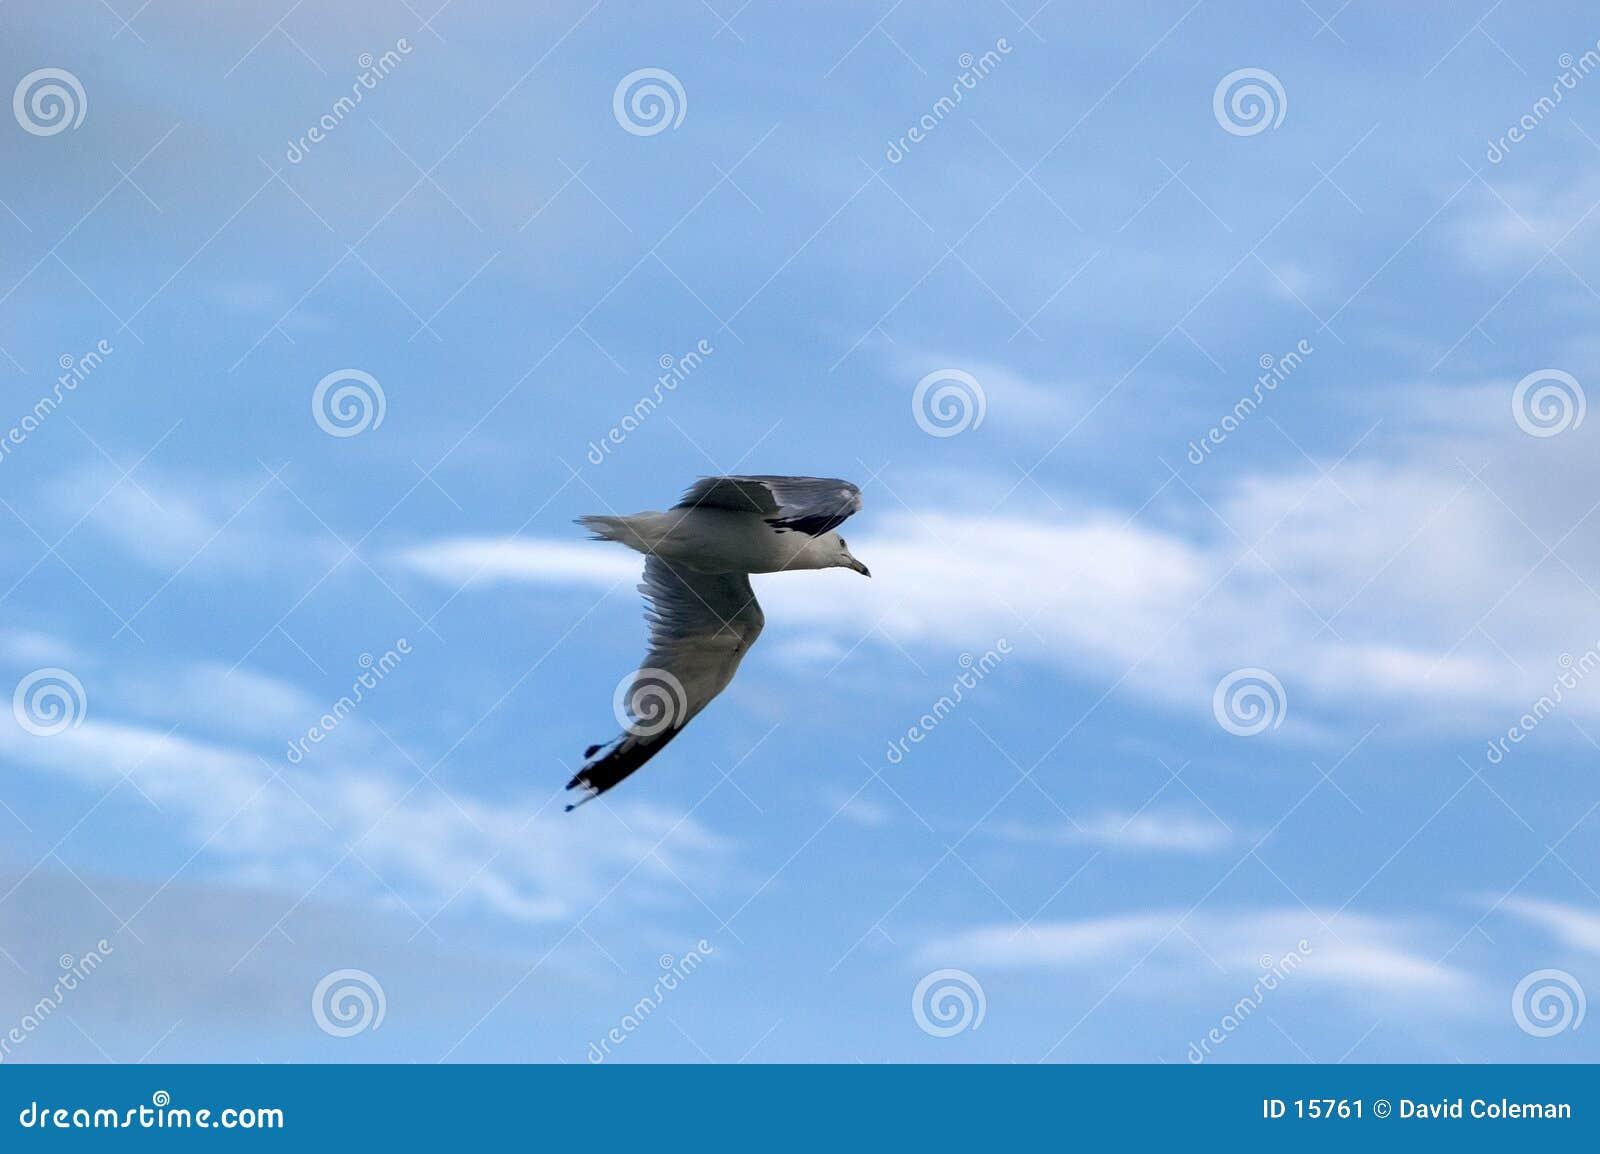 Gull s Flight